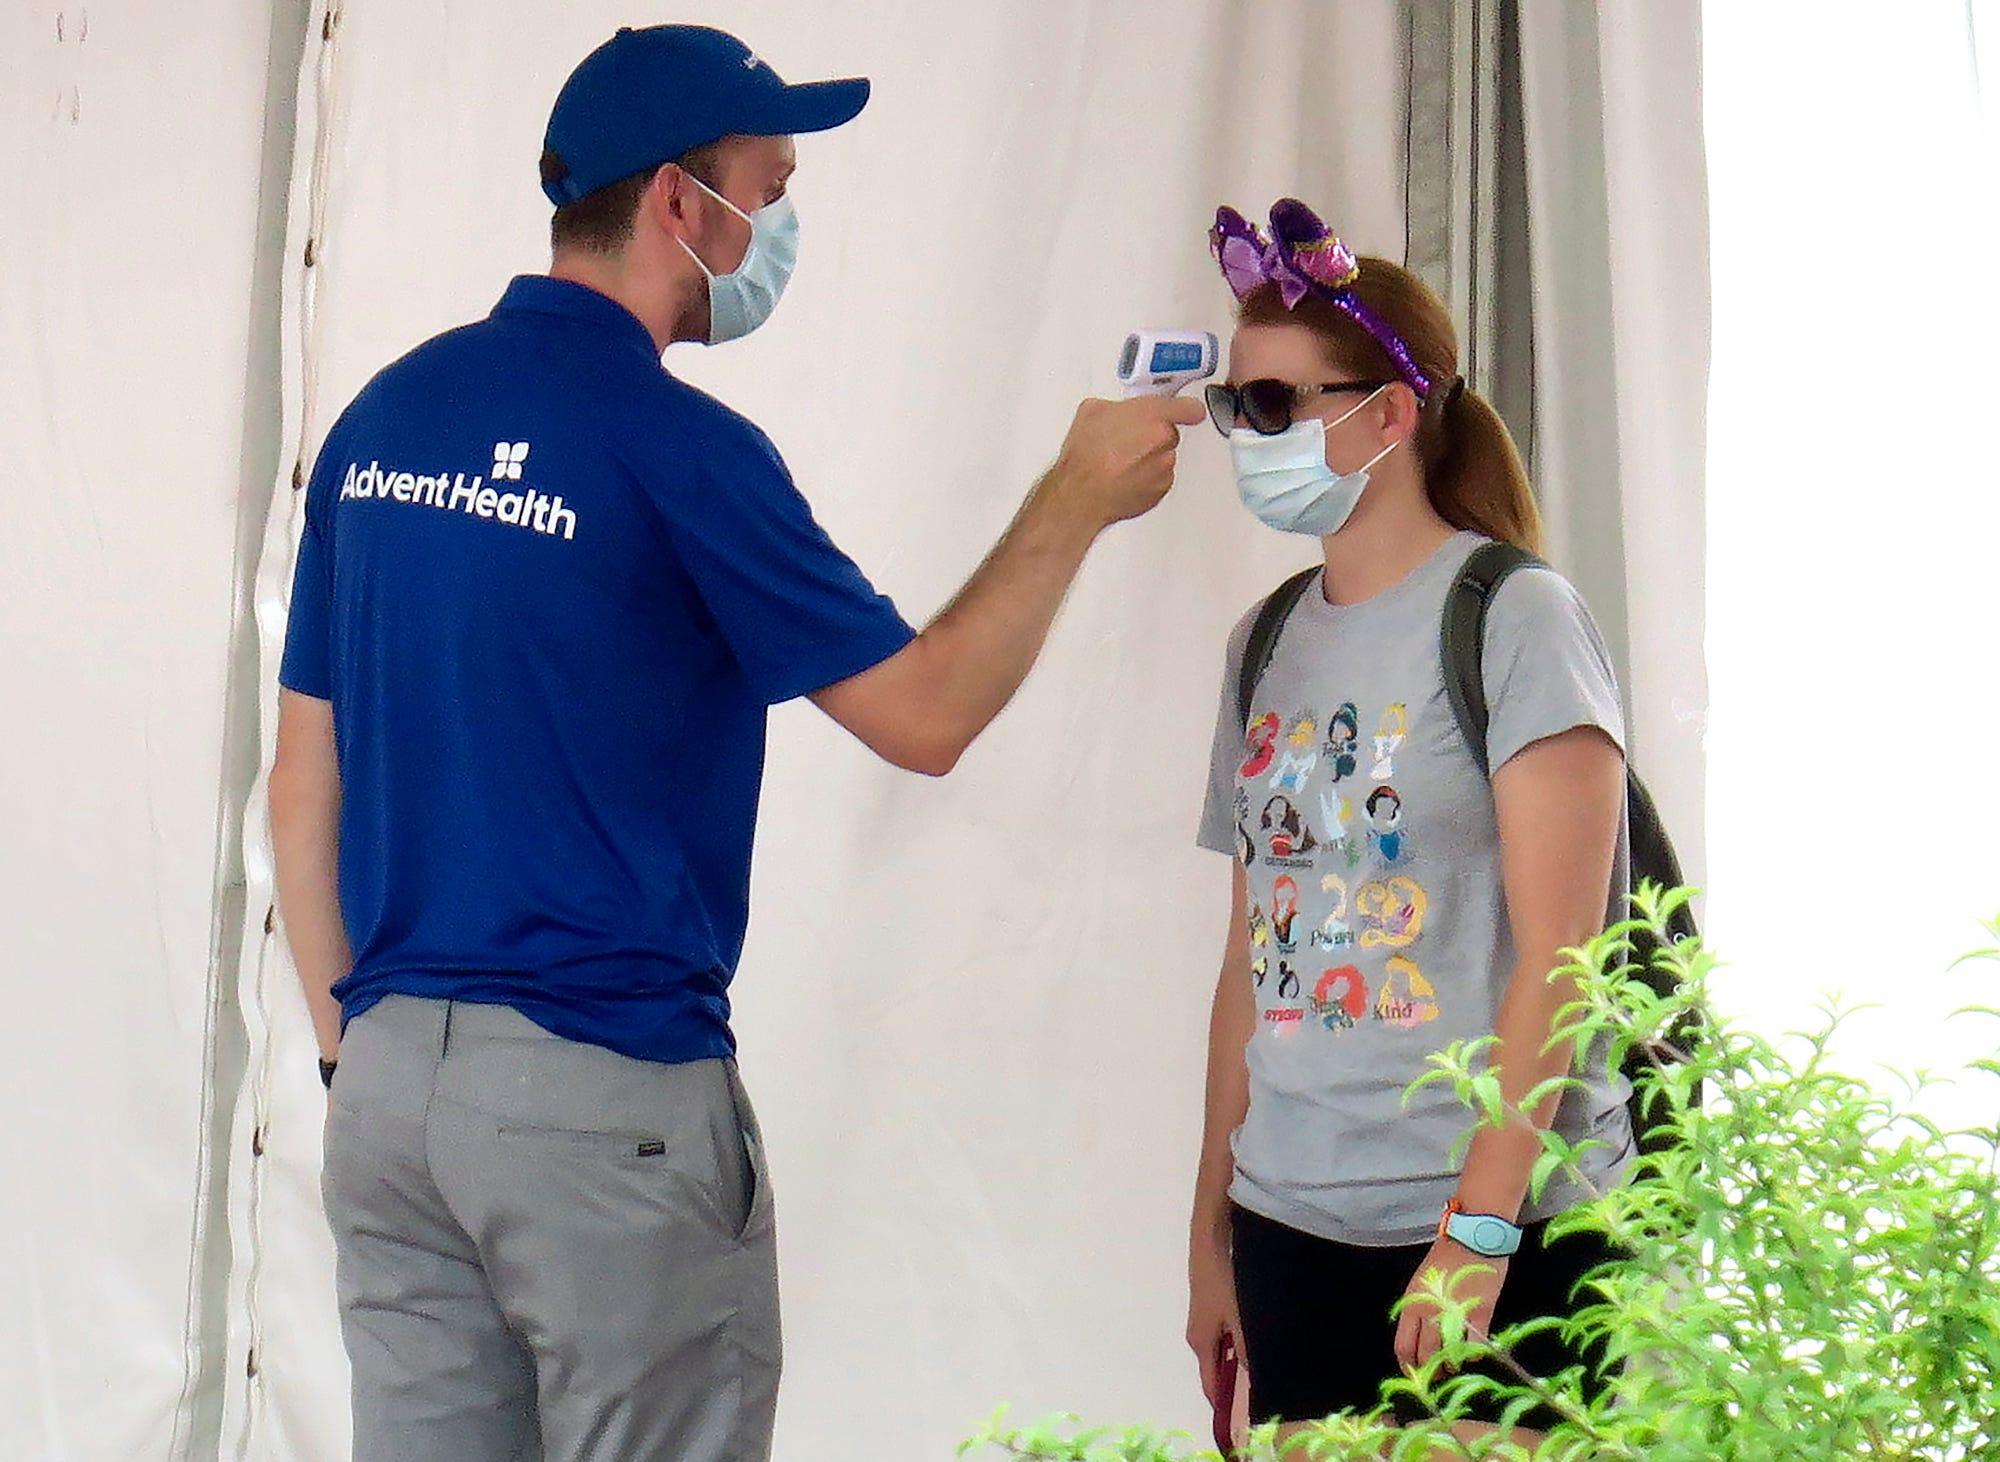 Disney World, Universal Orlando drop COVID temperature checks